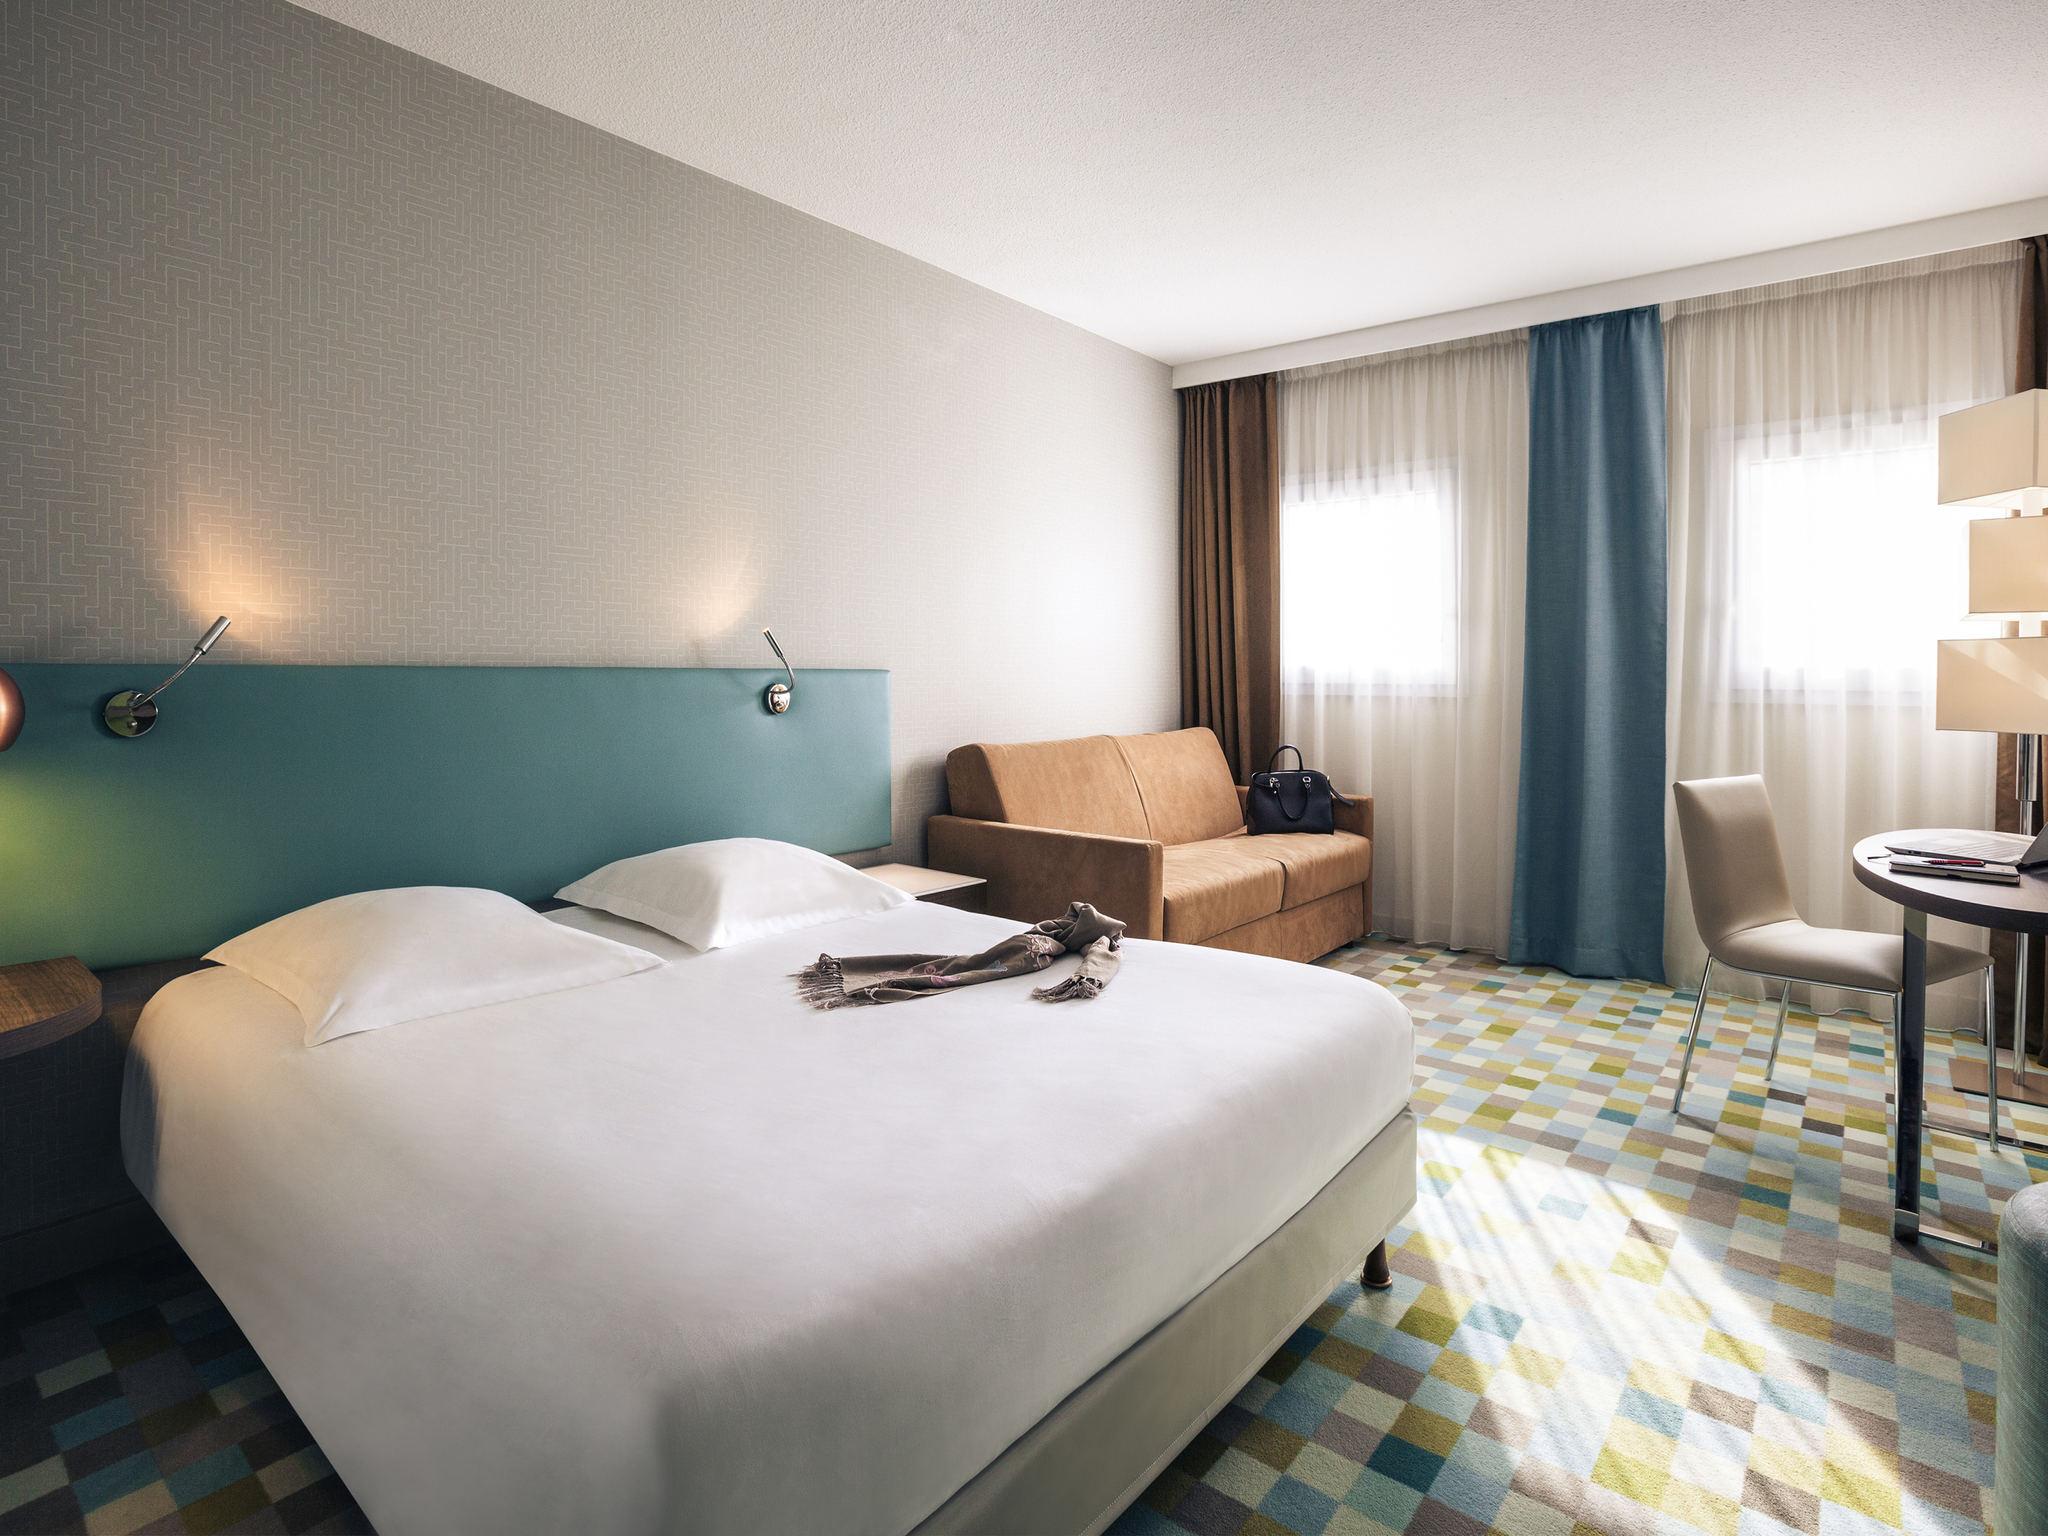 酒店 – Hôtel Mercure Marne-la-Vallée Bussy-Saint-Georges